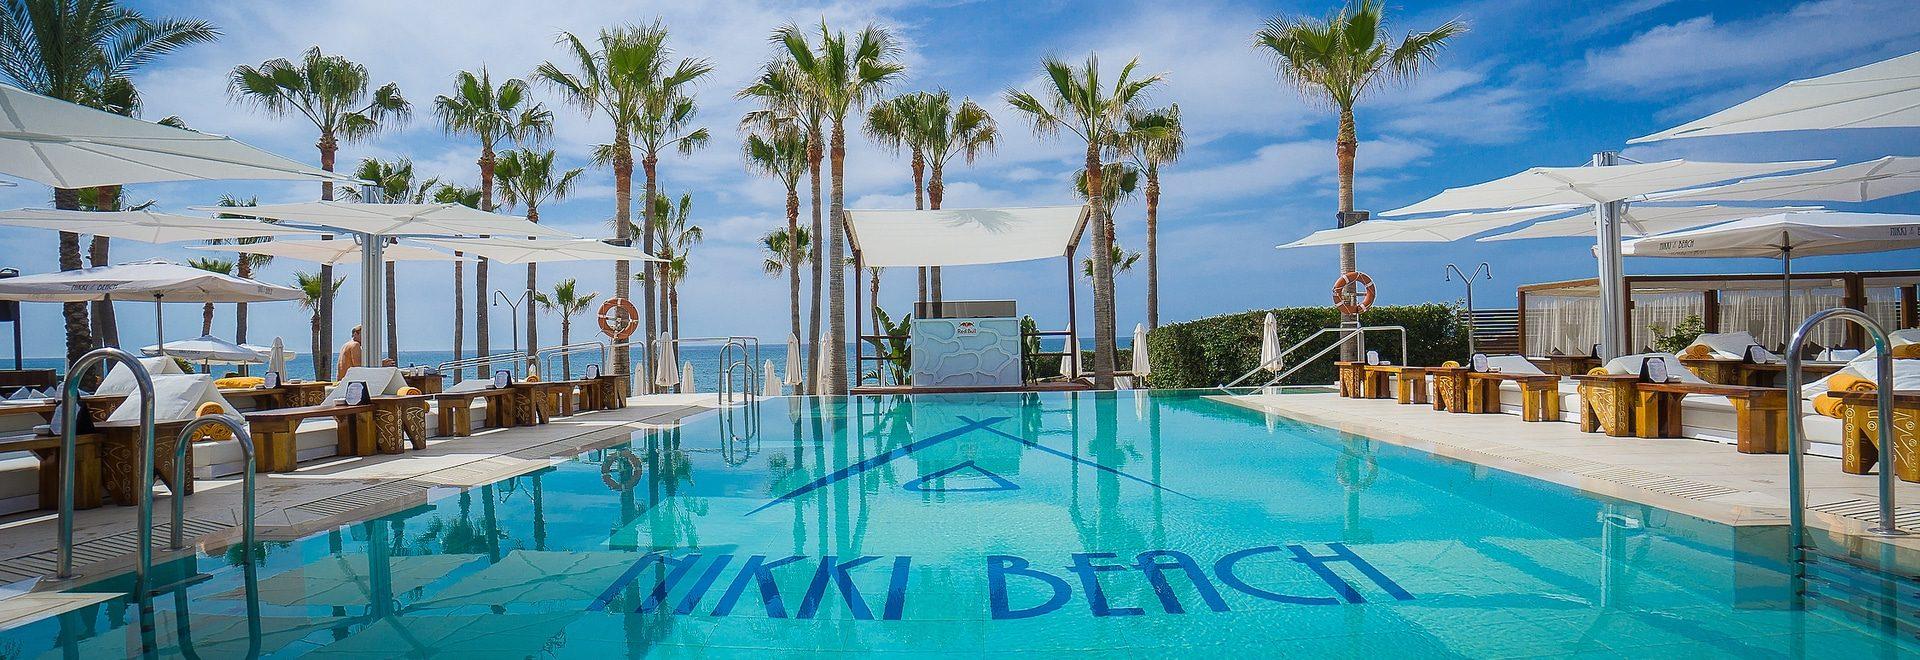 La Costa del Sol y sus exclusivos clubs de playa - Marbella Unique Properties - Nikki beach